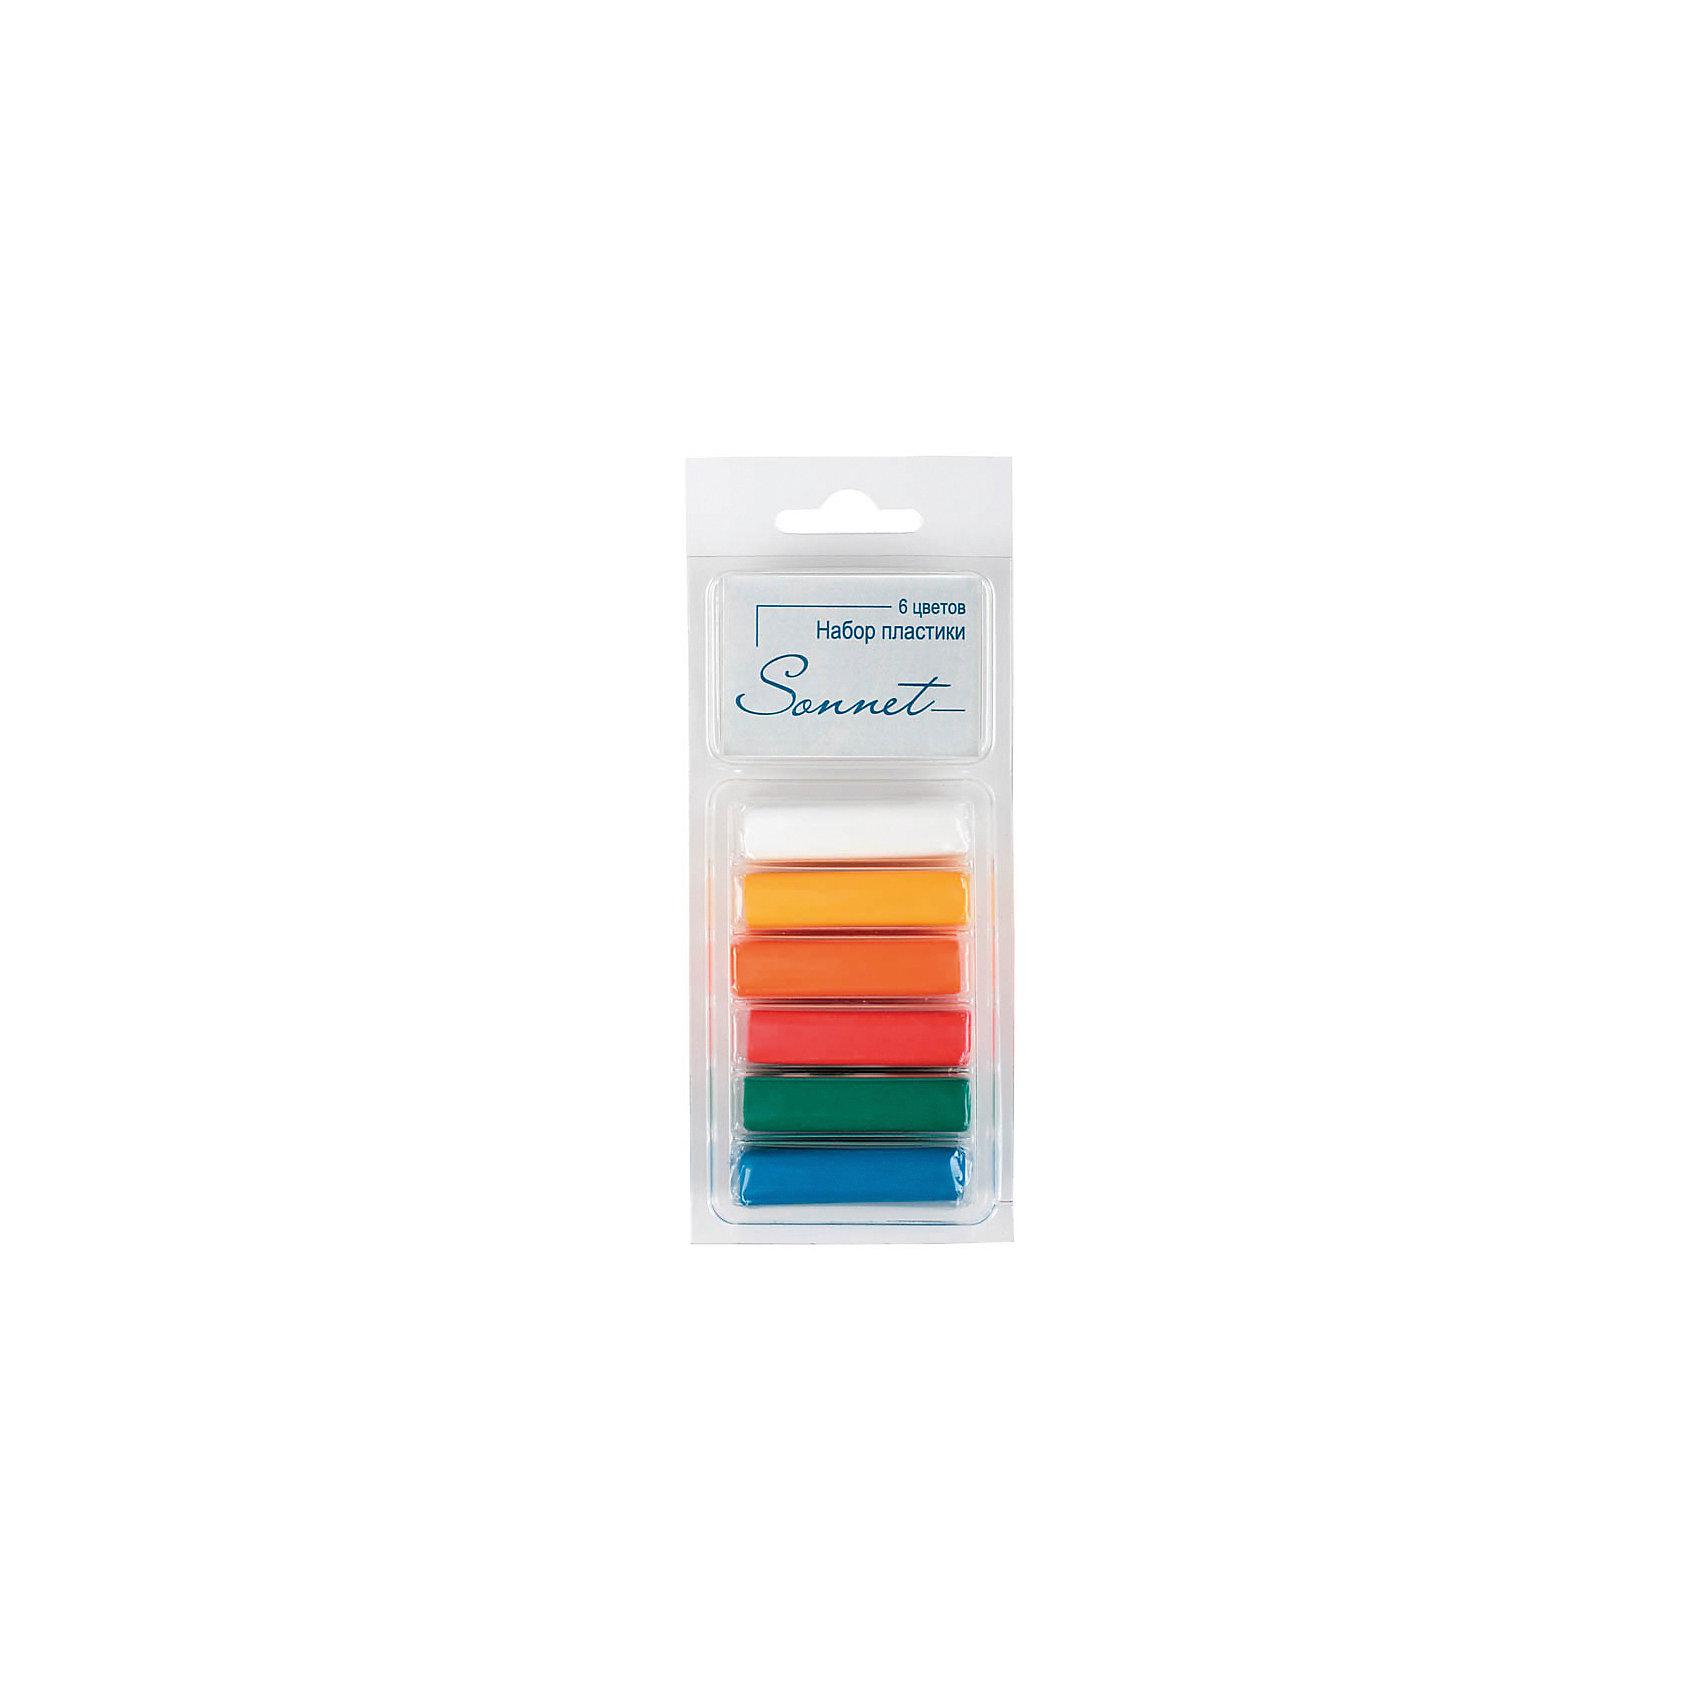 Набор пластики для лепки Основные цвета 6 цветов 120г СонетРисование и лепка<br>Количество цветов: 6 <br>Вес нетто: 120<br>Упаковка ед. товара: картонная коробка<br>Наличие европодвеса: есть<br>С помощью полимерной глины можно создать необычные аксессуары и бижутерию своими руками. Пластика отвердевает при термообработке, хорошо размягчается, не липнет и не пачкает руки. Инструкция: Разомните пластику. Поместите изделие на противень в нагретый до 130 °C духовой шкаф на 3-30 минут (в зависимости от размеров). Дайте изделию остыть, отвердеть. После занятий лепкой руки протереть влажной тканью, затем вымыть их теплой водой с мылом. ВНИМАНИЕ: Обжиг должны проводить только взрослые! Не используйте микроволновую печь! Не превышайте температуру обжига! Предварительно сделайте пробный обжиг!<br><br>Ширина мм: 140<br>Глубина мм: 67<br>Высота мм: 29<br>Вес г: 136<br>Возраст от месяцев: 84<br>Возраст до месяцев: 2147483647<br>Пол: Унисекс<br>Возраст: Детский<br>SKU: 7044275